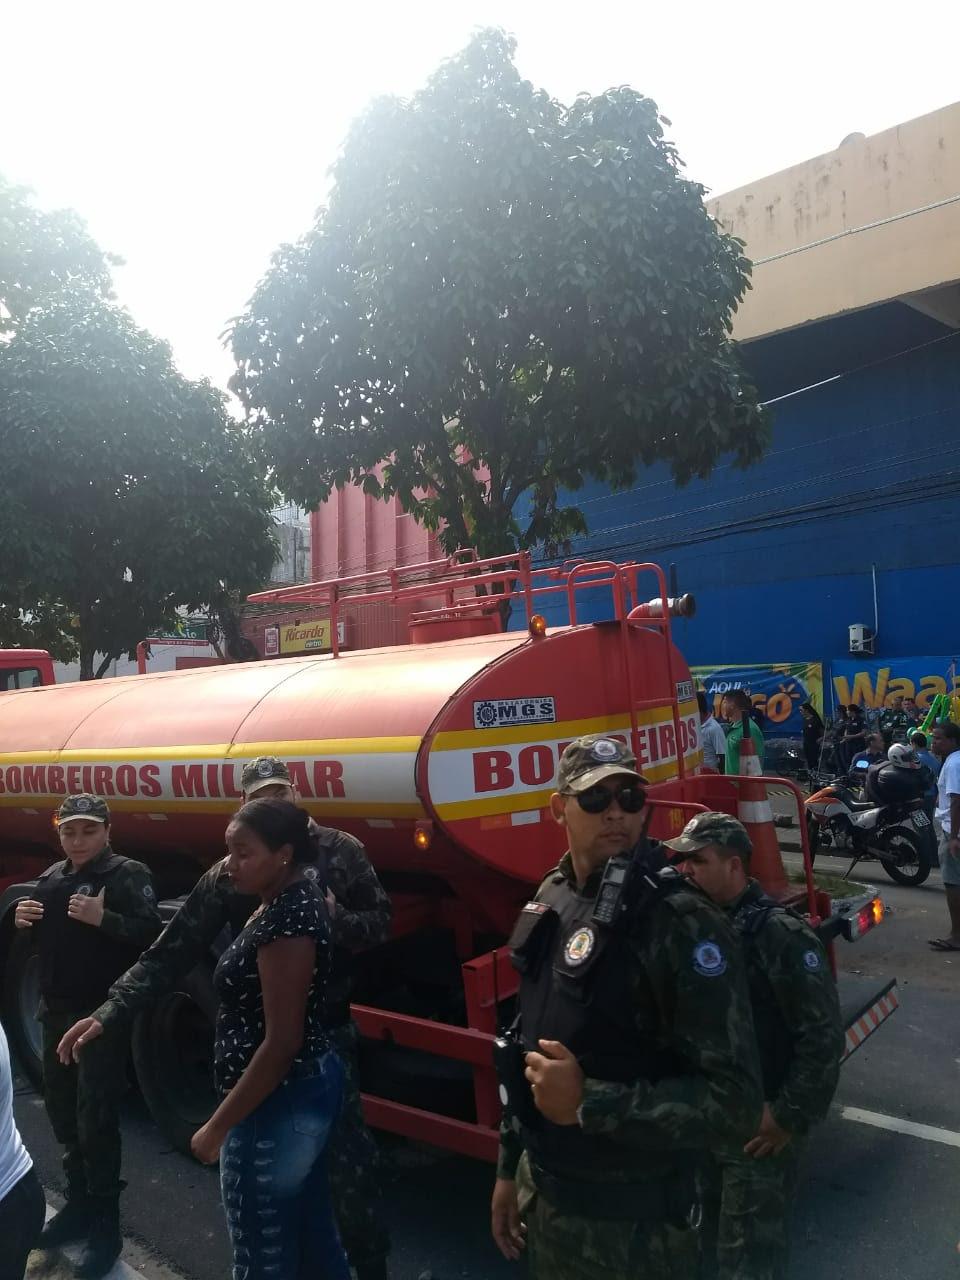 3018bec3 d970 4b68 a2f7 79db56134c76 - VEJA VÍDEO: Motorista de ônibus perde controle, invade calçada, destrói veículos e deixa feridos no Parque da Lagoa